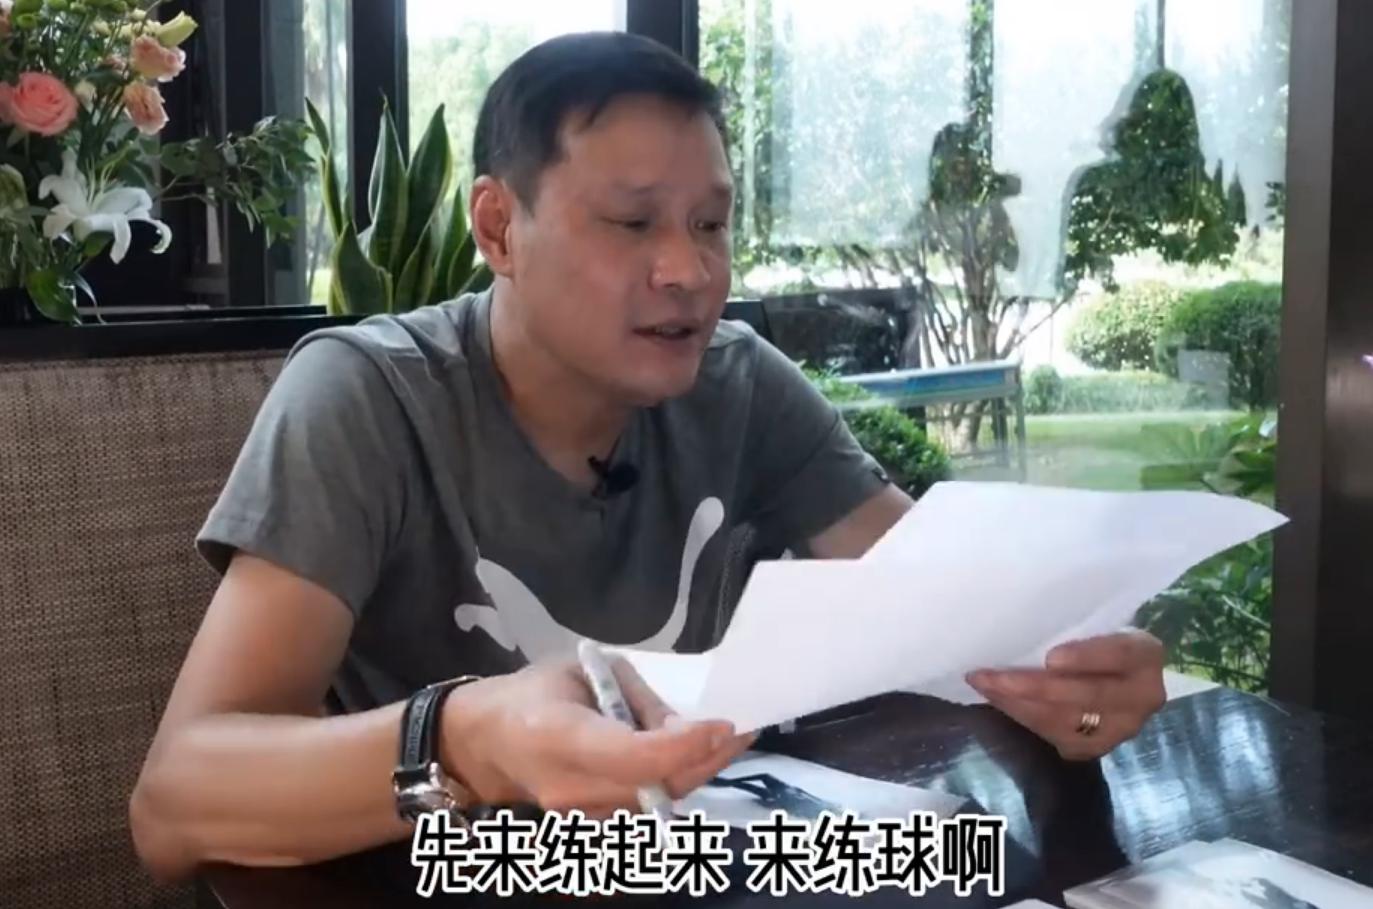 小球迷想为国足撑起一片天,范志毅:欢迎你,来练球吧